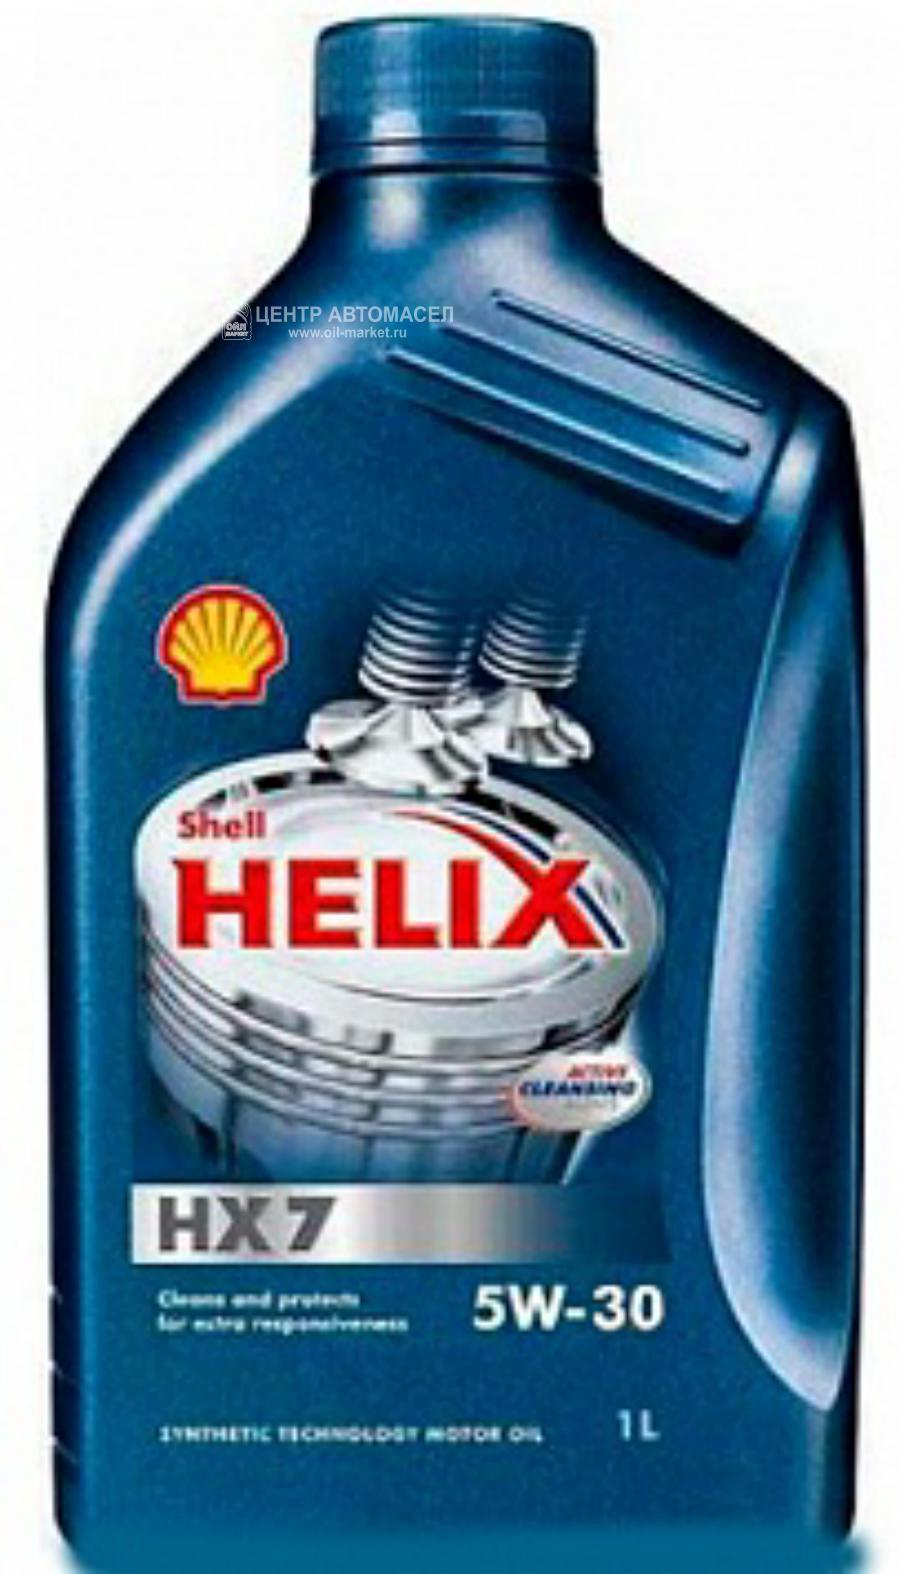 Масло моторное полусинтетическое Helix HX7 5W-30, 1л